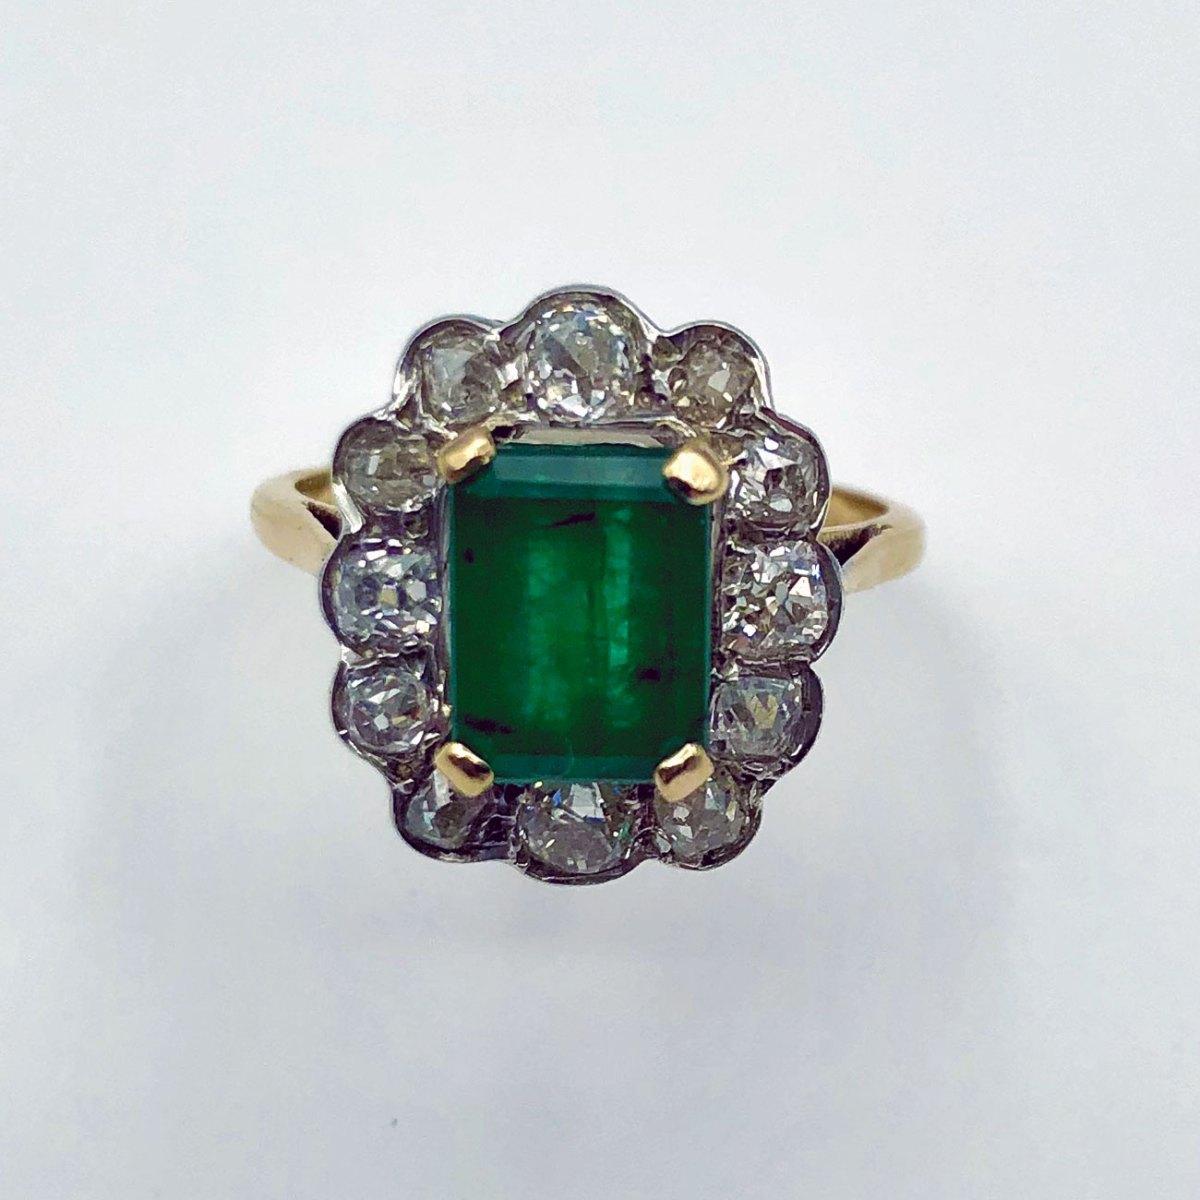 Bague ancienne Emeraude et Diamants, émeraude 1,52ct, diamants taille ancienne 1,30 ct, or jaune 18K, réf. BA-B17453, taille 53 ajustable. | EVENOR Joaillerie Vintage